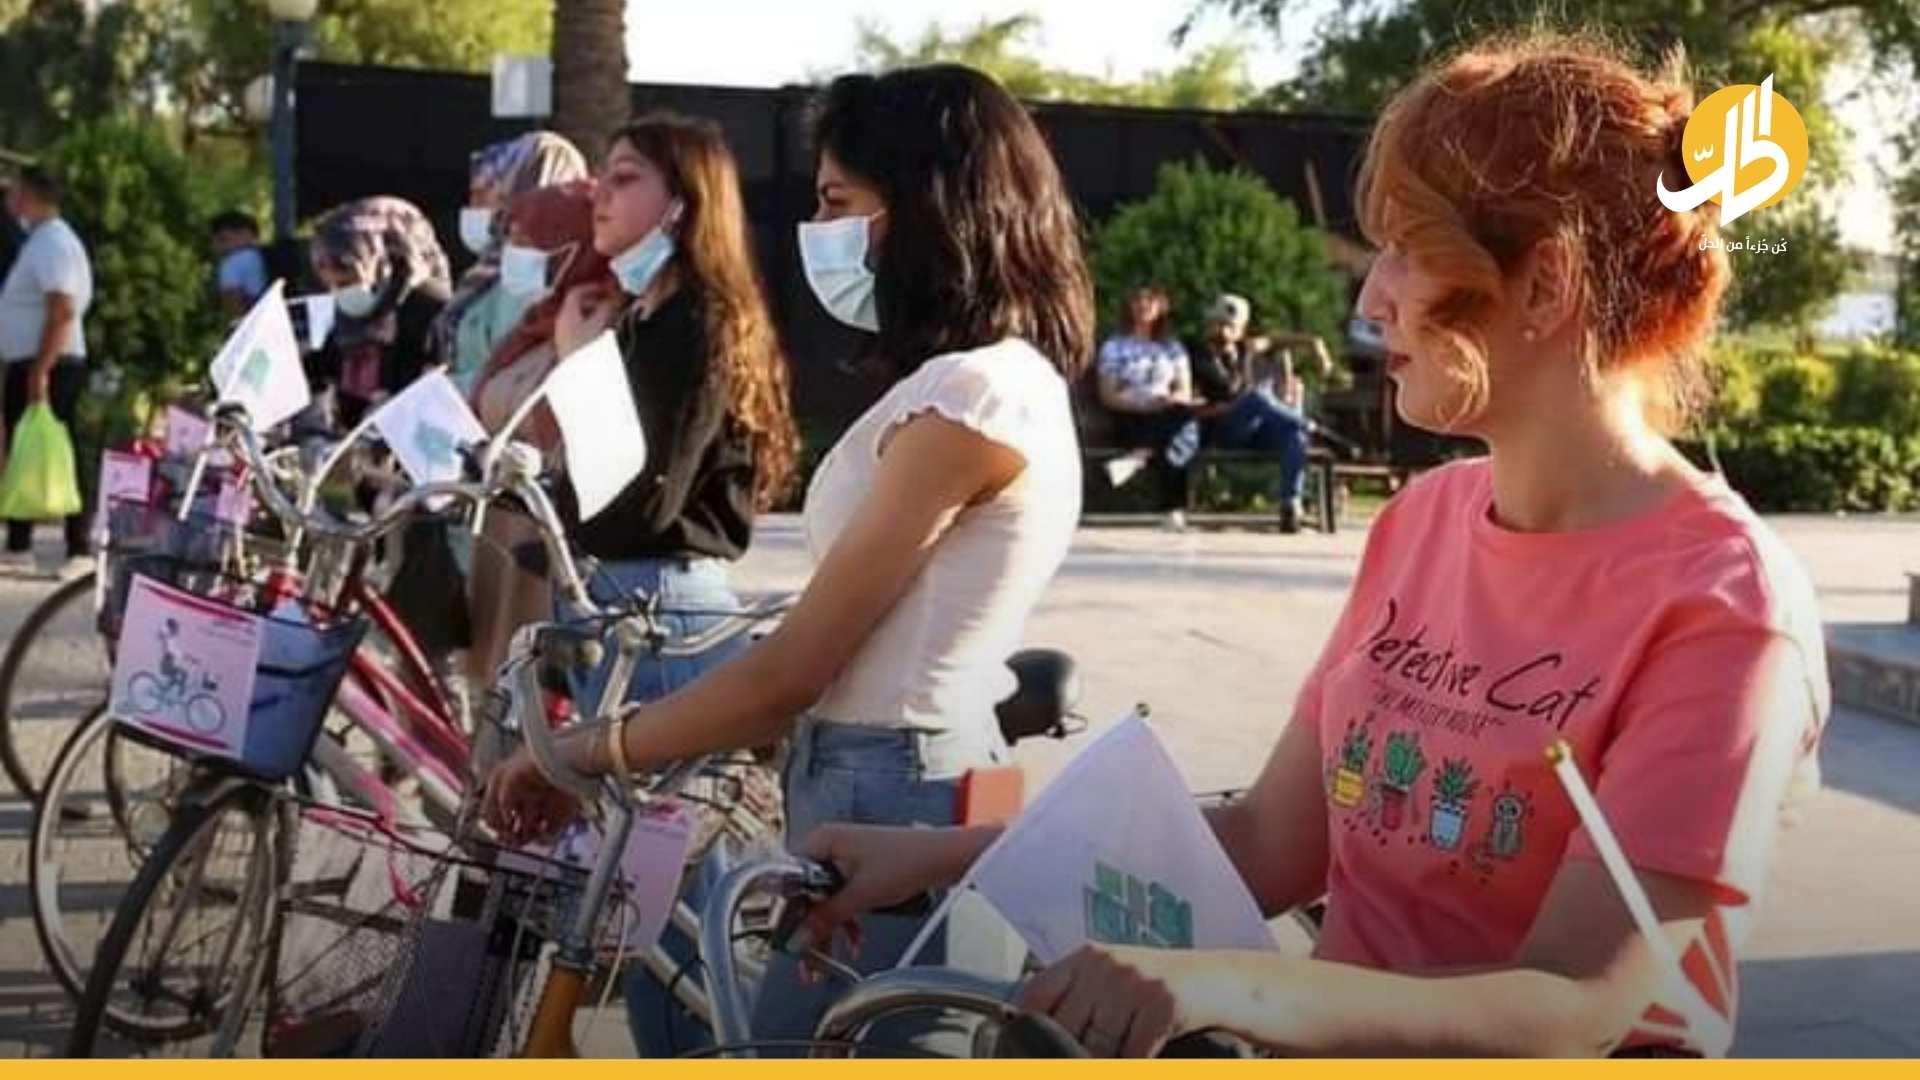 ماراثون نسوي بِدرّاجات هوائية في بغداد: #ننطلق_حتى_نغير